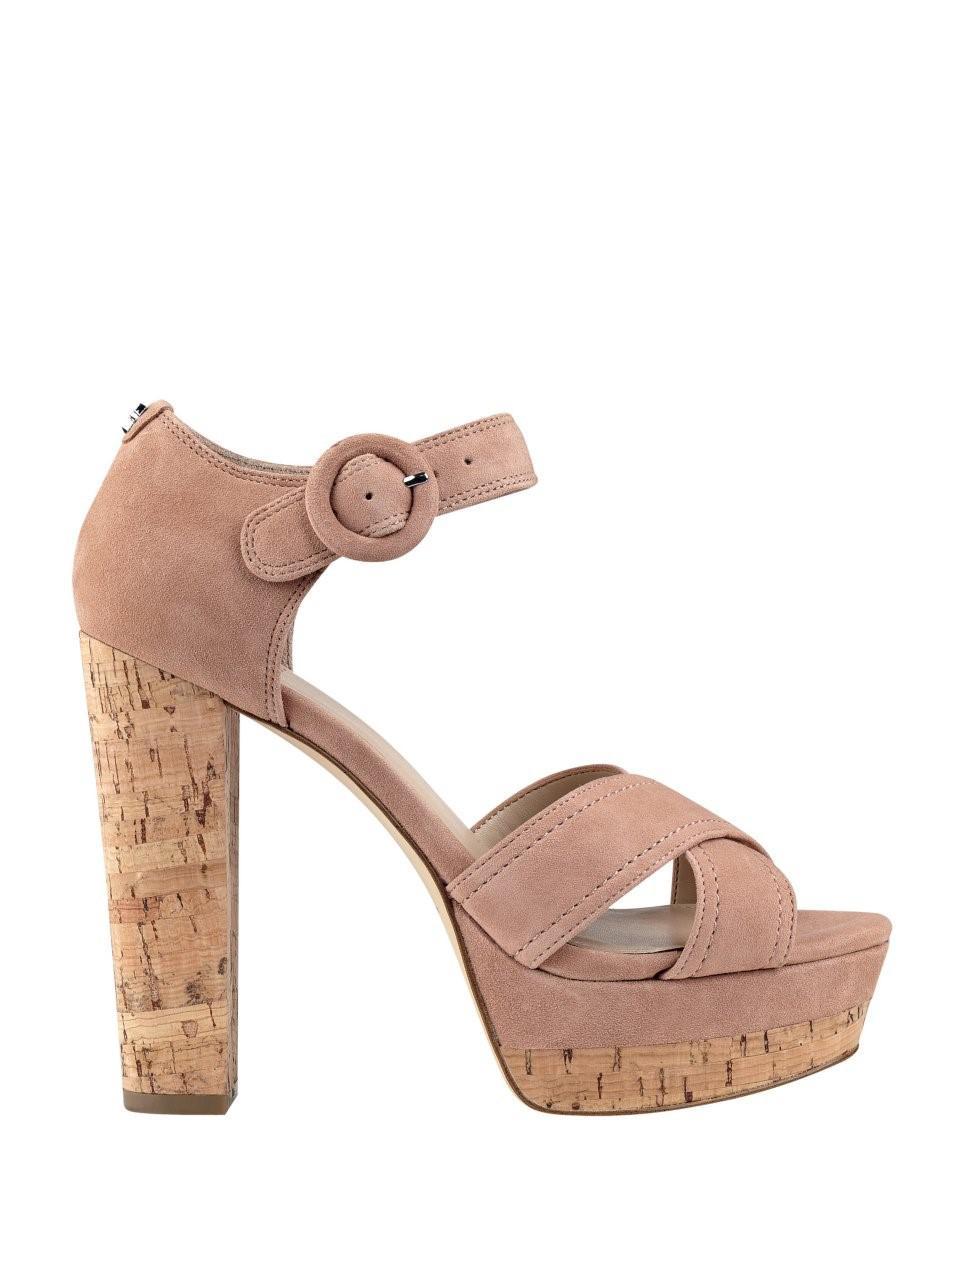 573033c4915d Lyst - Guess Parris Platform Sandals in Pink - Save 56%